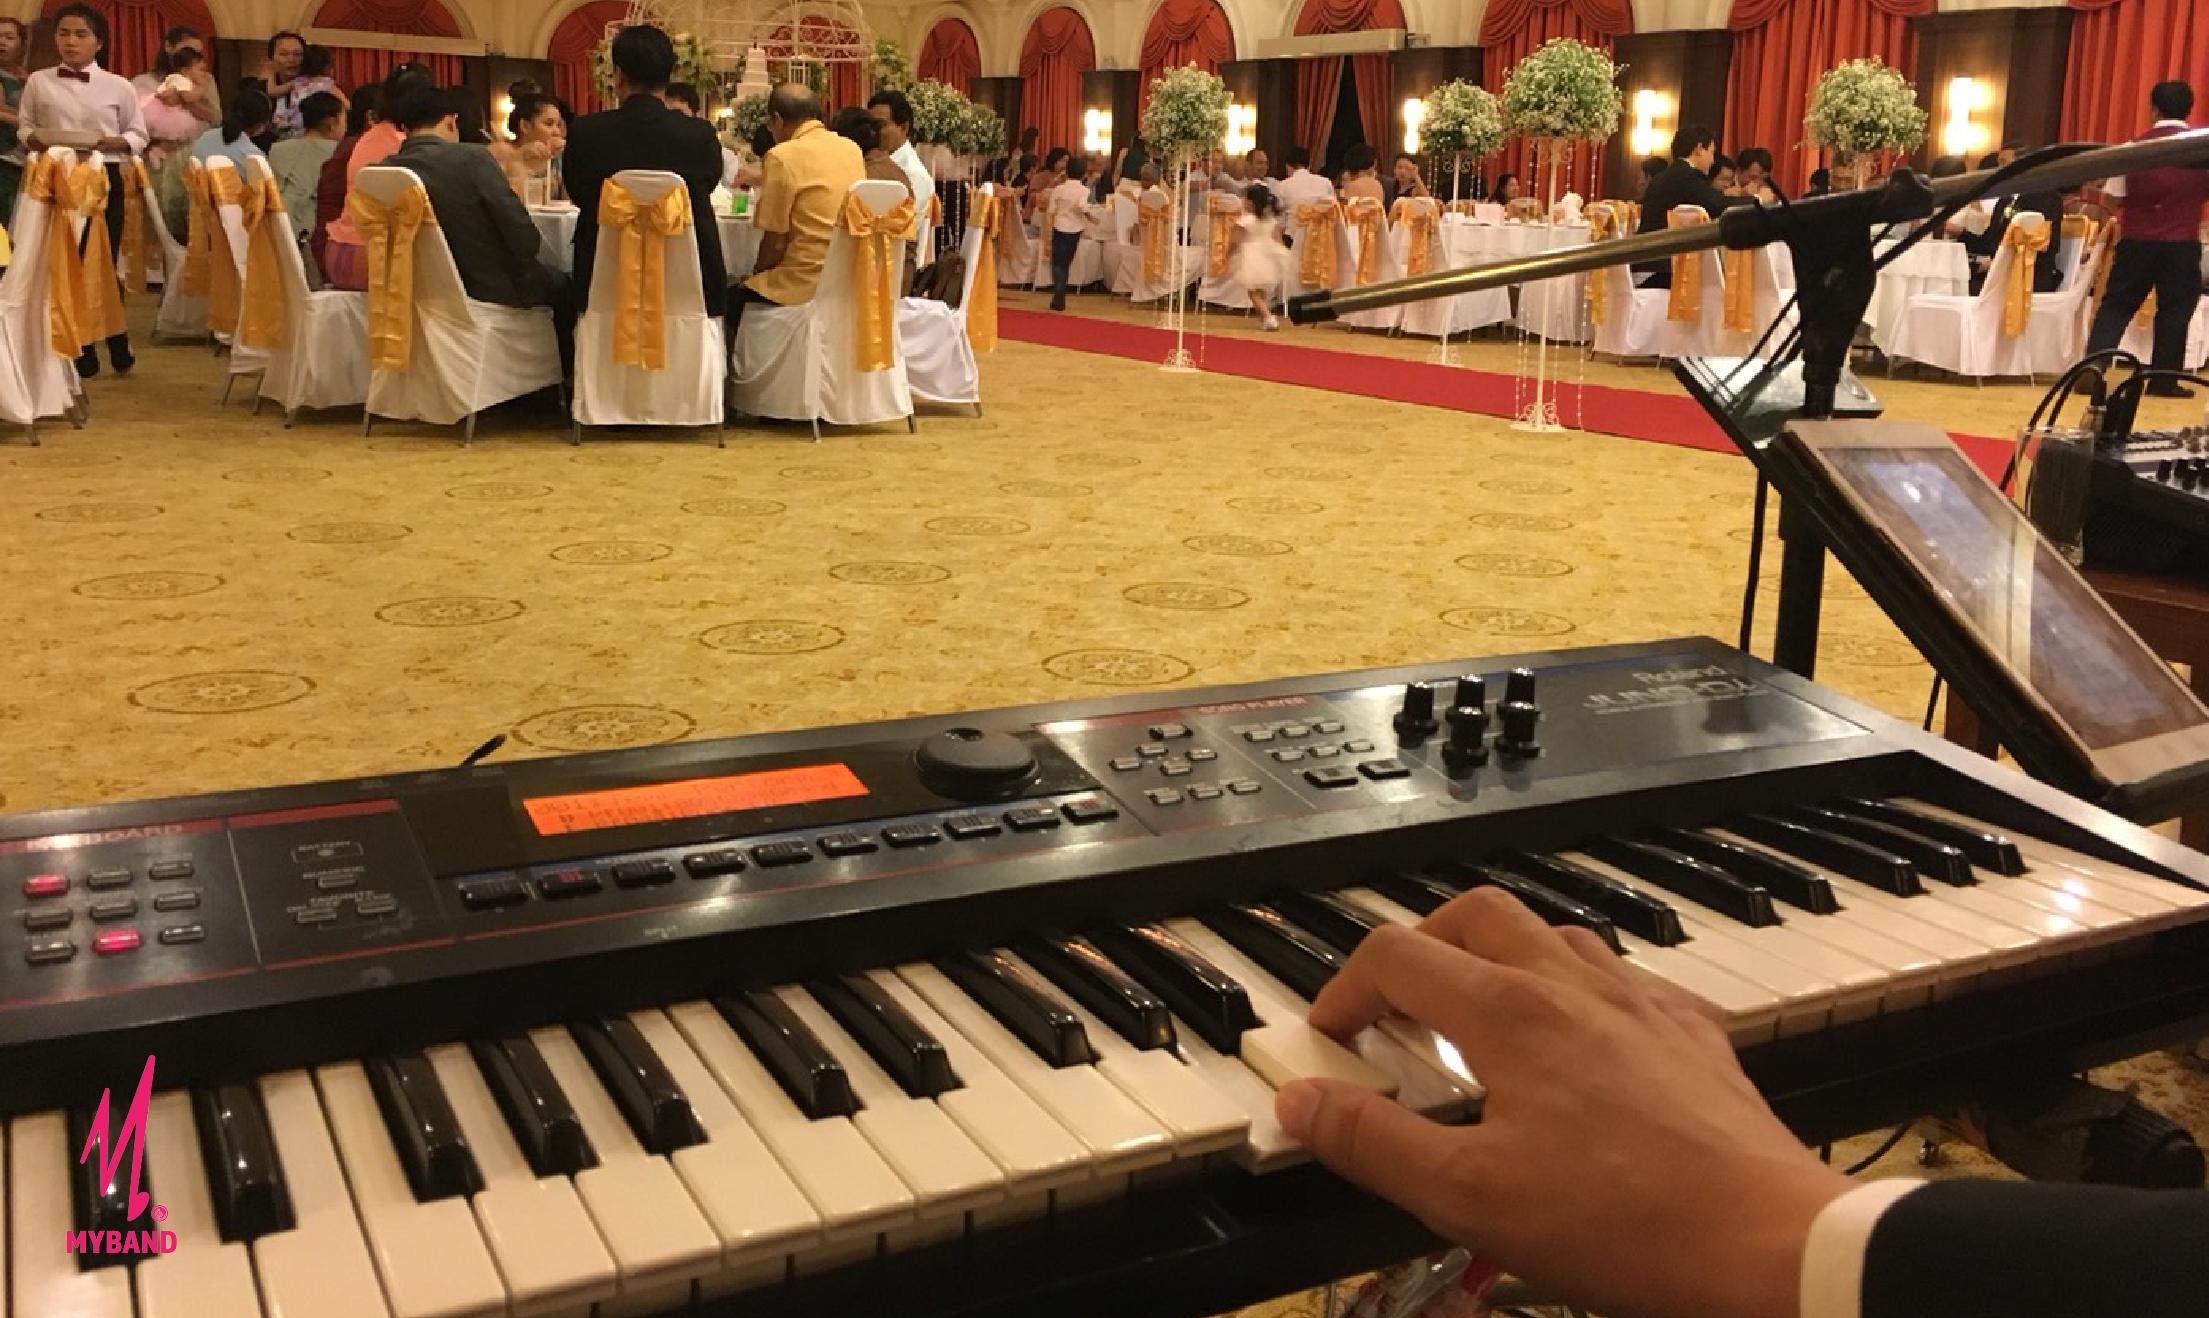 คลอเสียงเพลงไปกับวงดนตรีงานแต่ง 'MC Kosin' @สมาคมธรรมศาสตร์